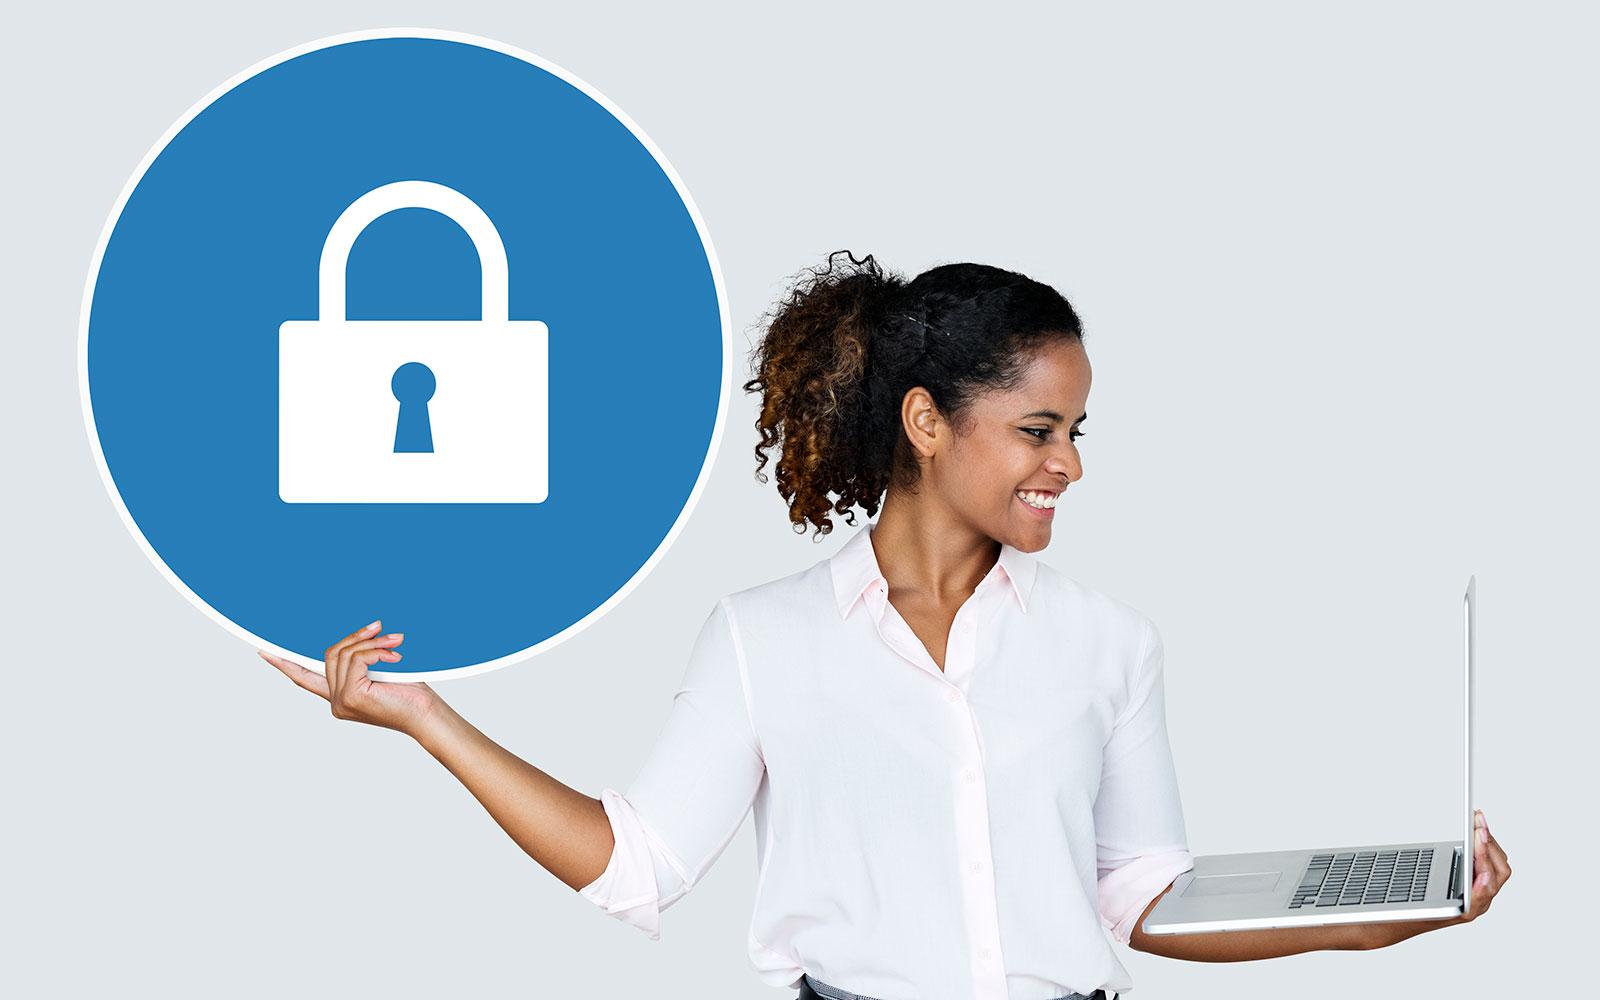 Femme qui teint image d'un cadenas dans une main et un ordinateur portable dans l'autre main